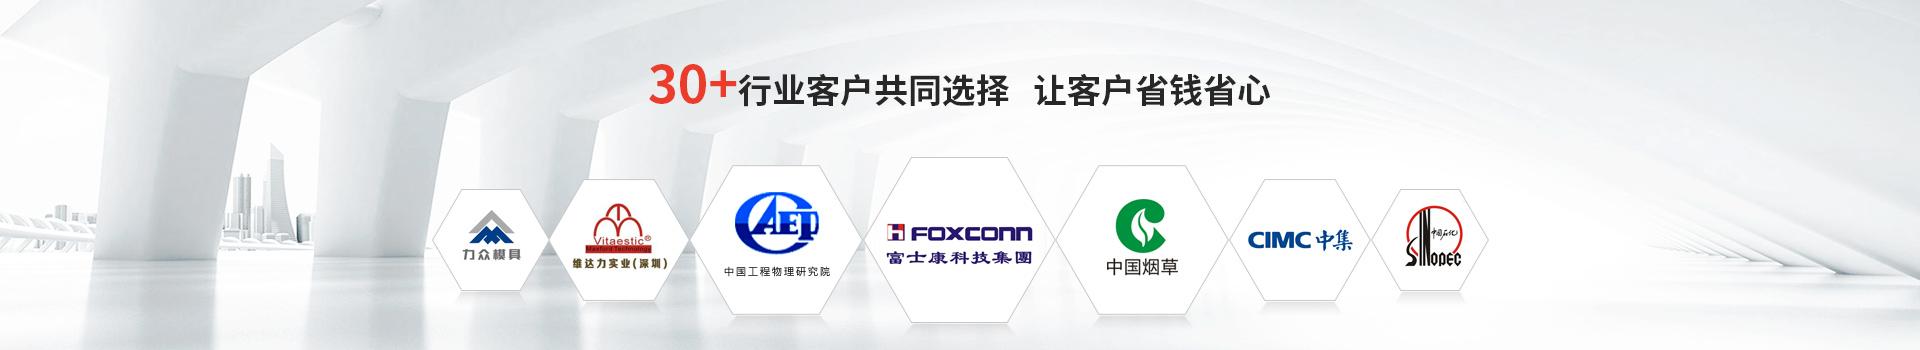 喆能电子:300+行业客户共同选择